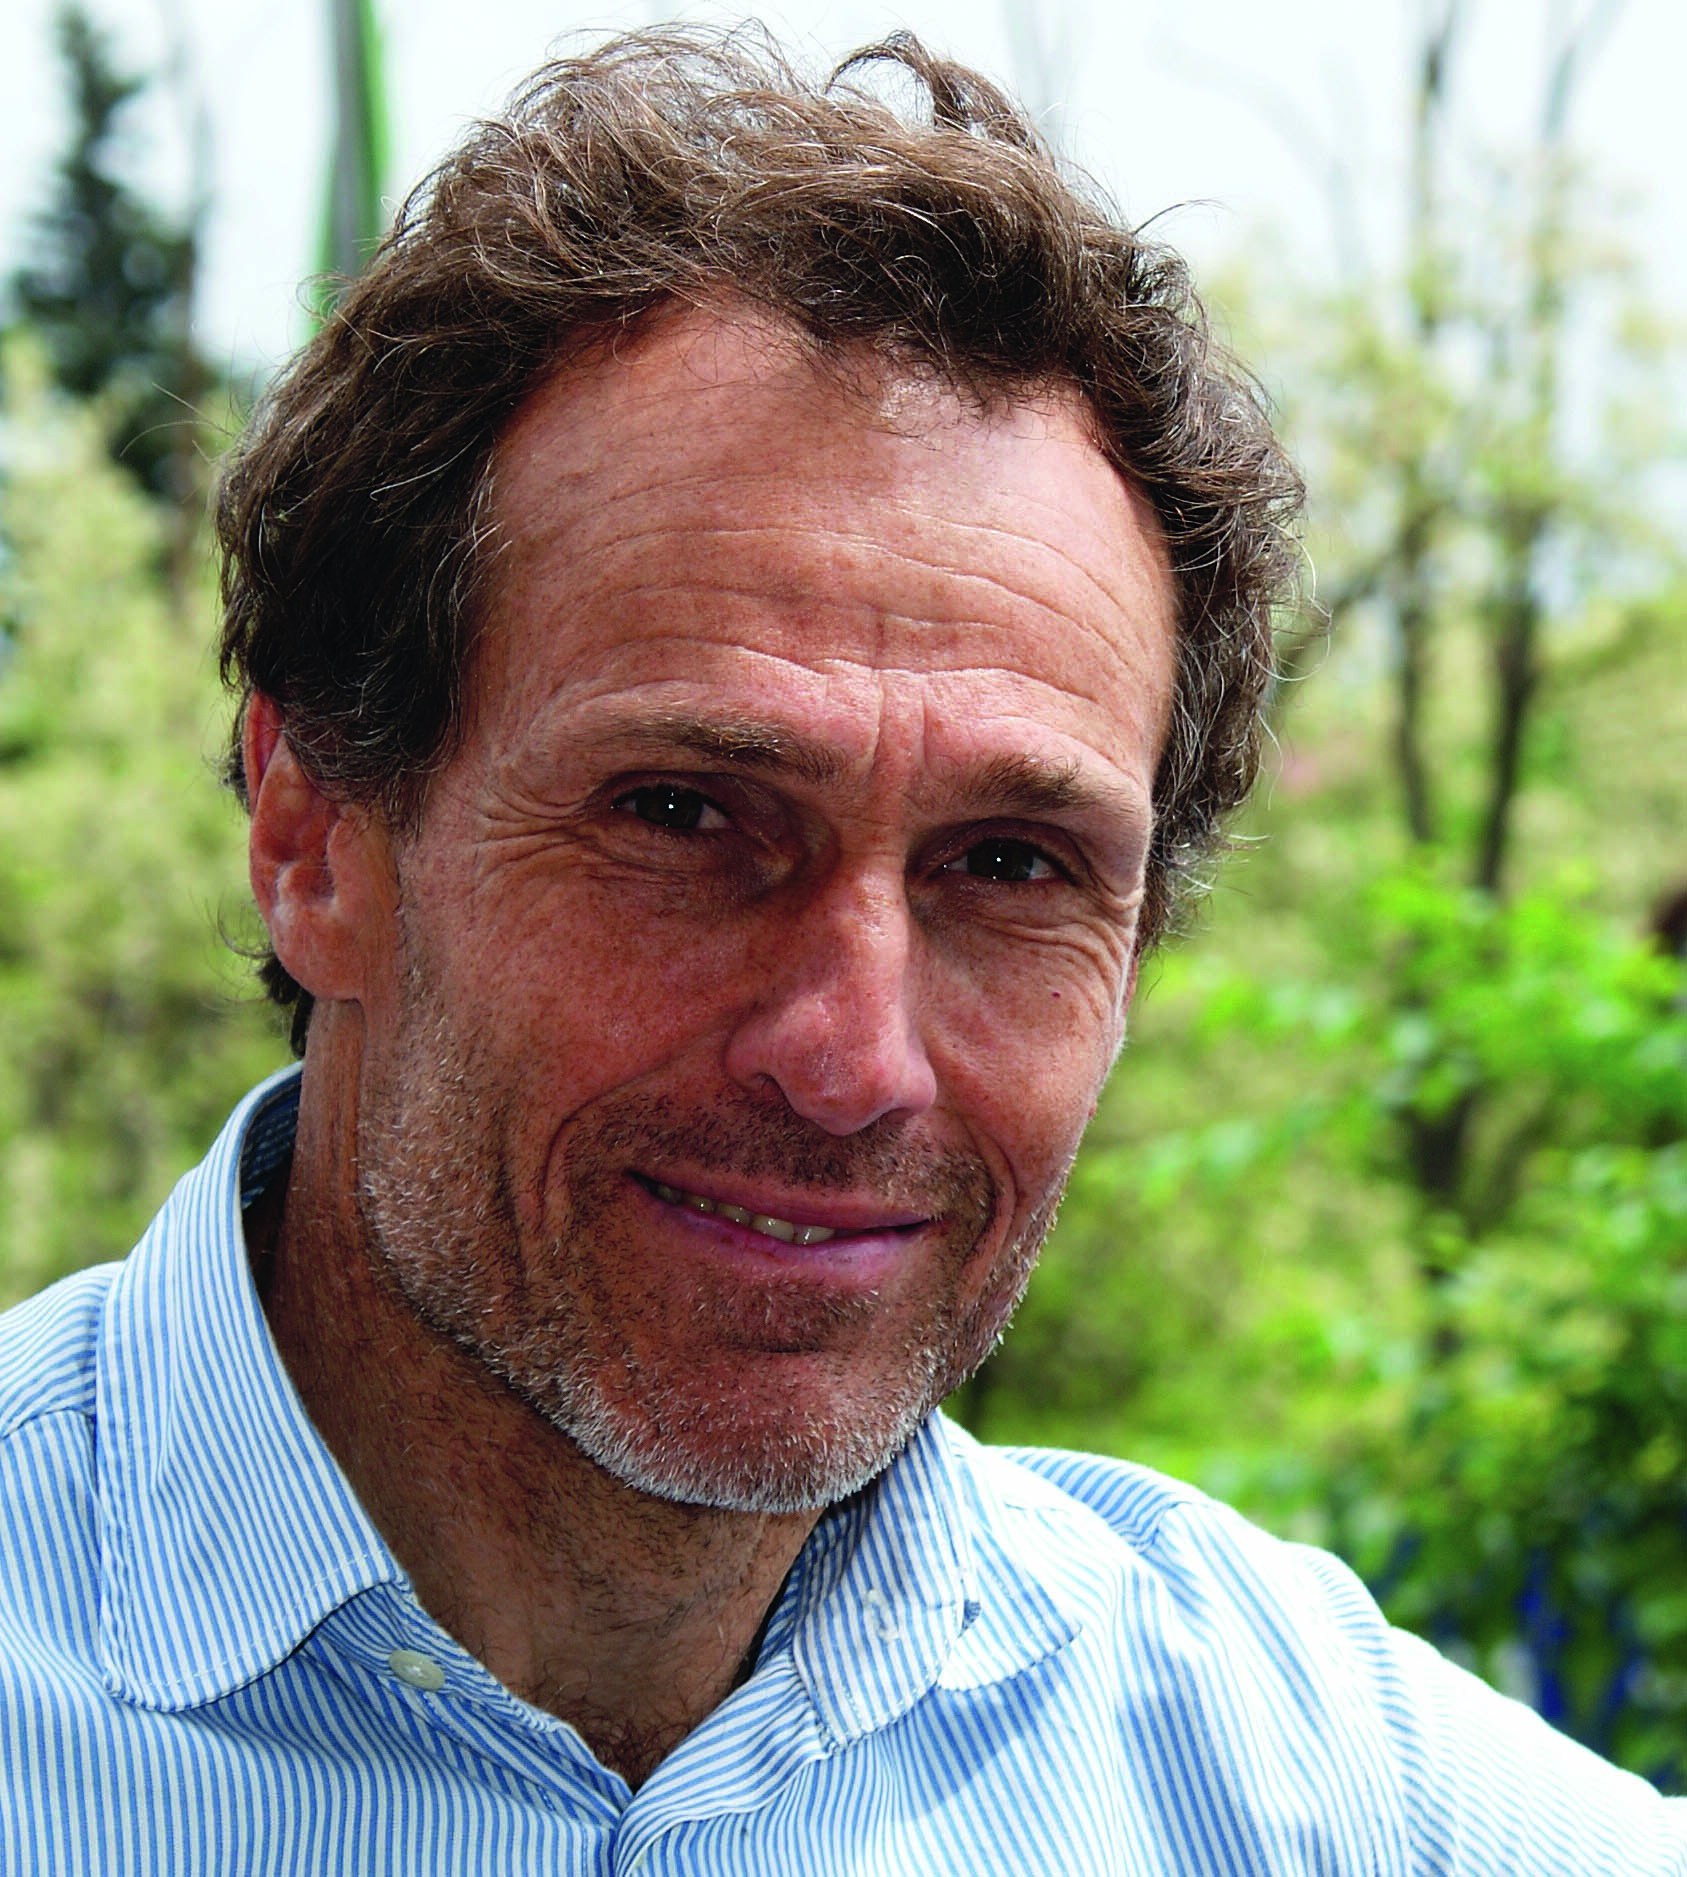 2012 Andrea de Cesaris portrait